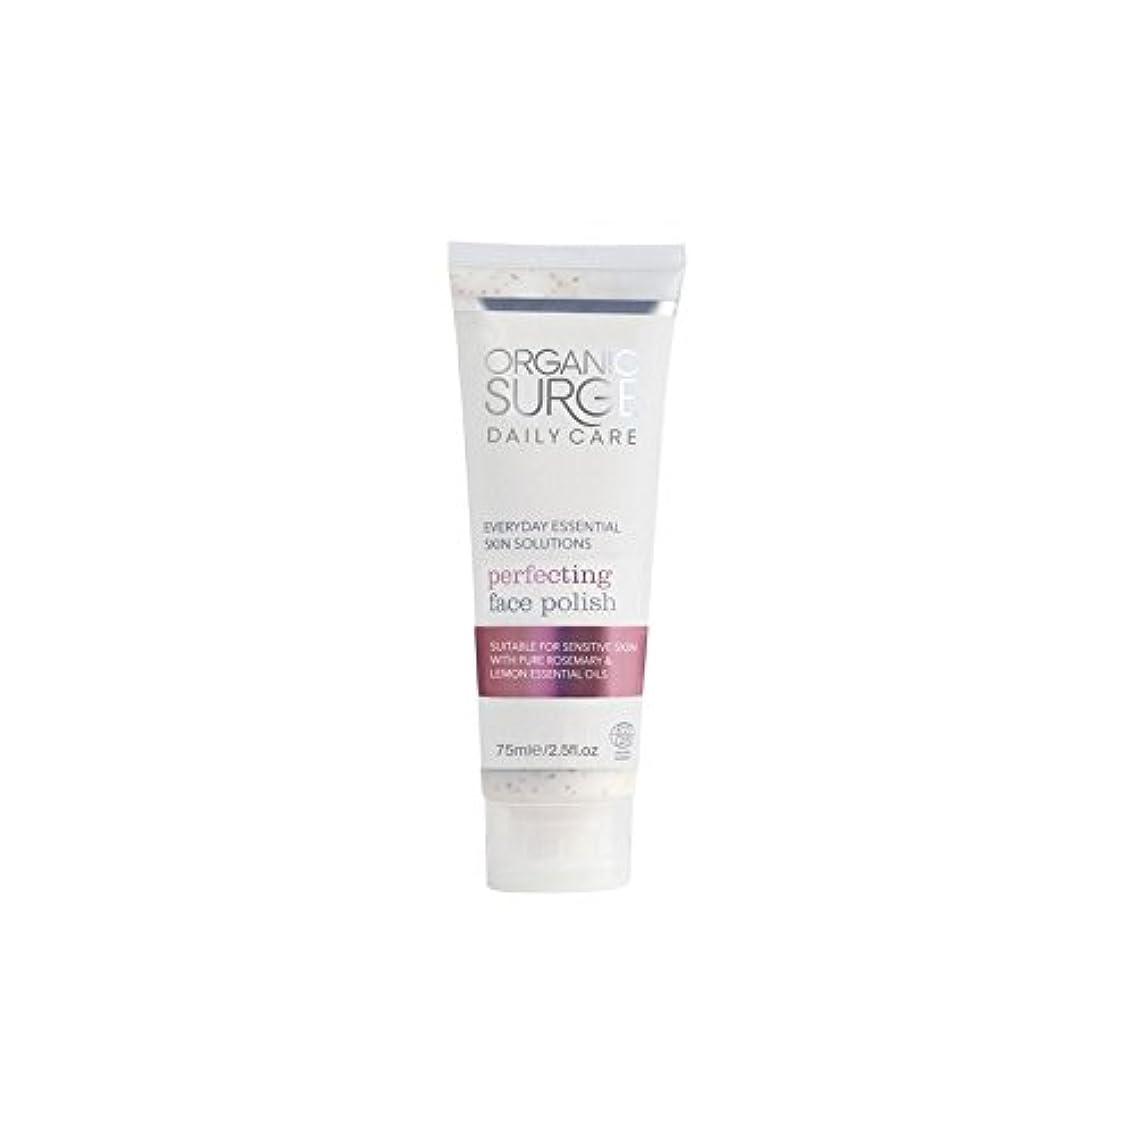 批判的構造的抑圧する面研磨を完成有機サージ毎日のケア(75ミリリットル) x2 - Organic Surge Daily Care Perfecting Face Polish (75ml) (Pack of 2) [並行輸入品]